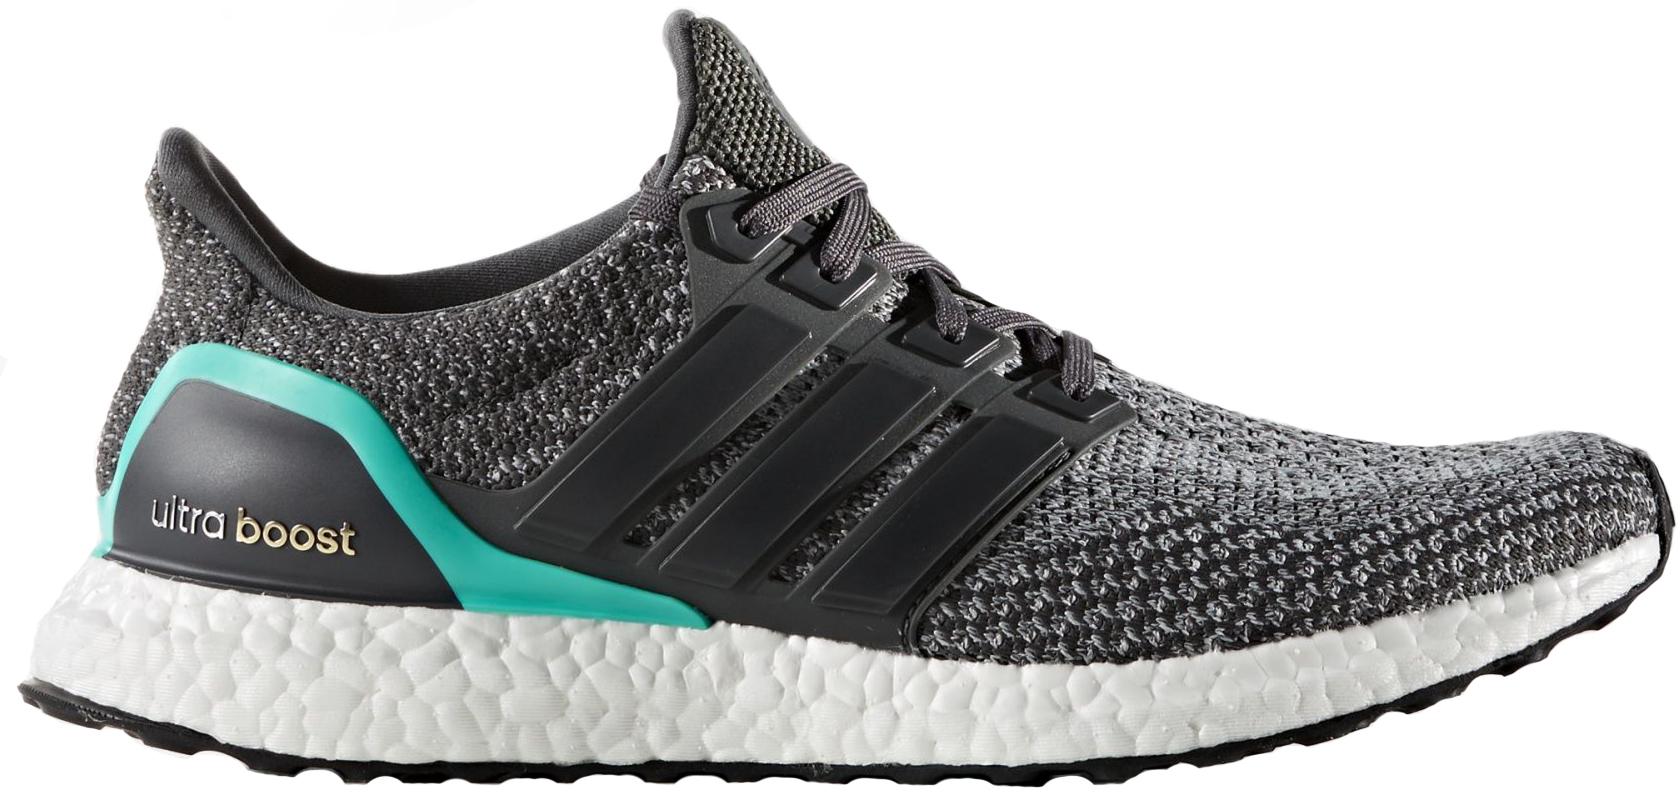 adidas ultra boost 2.0 grey